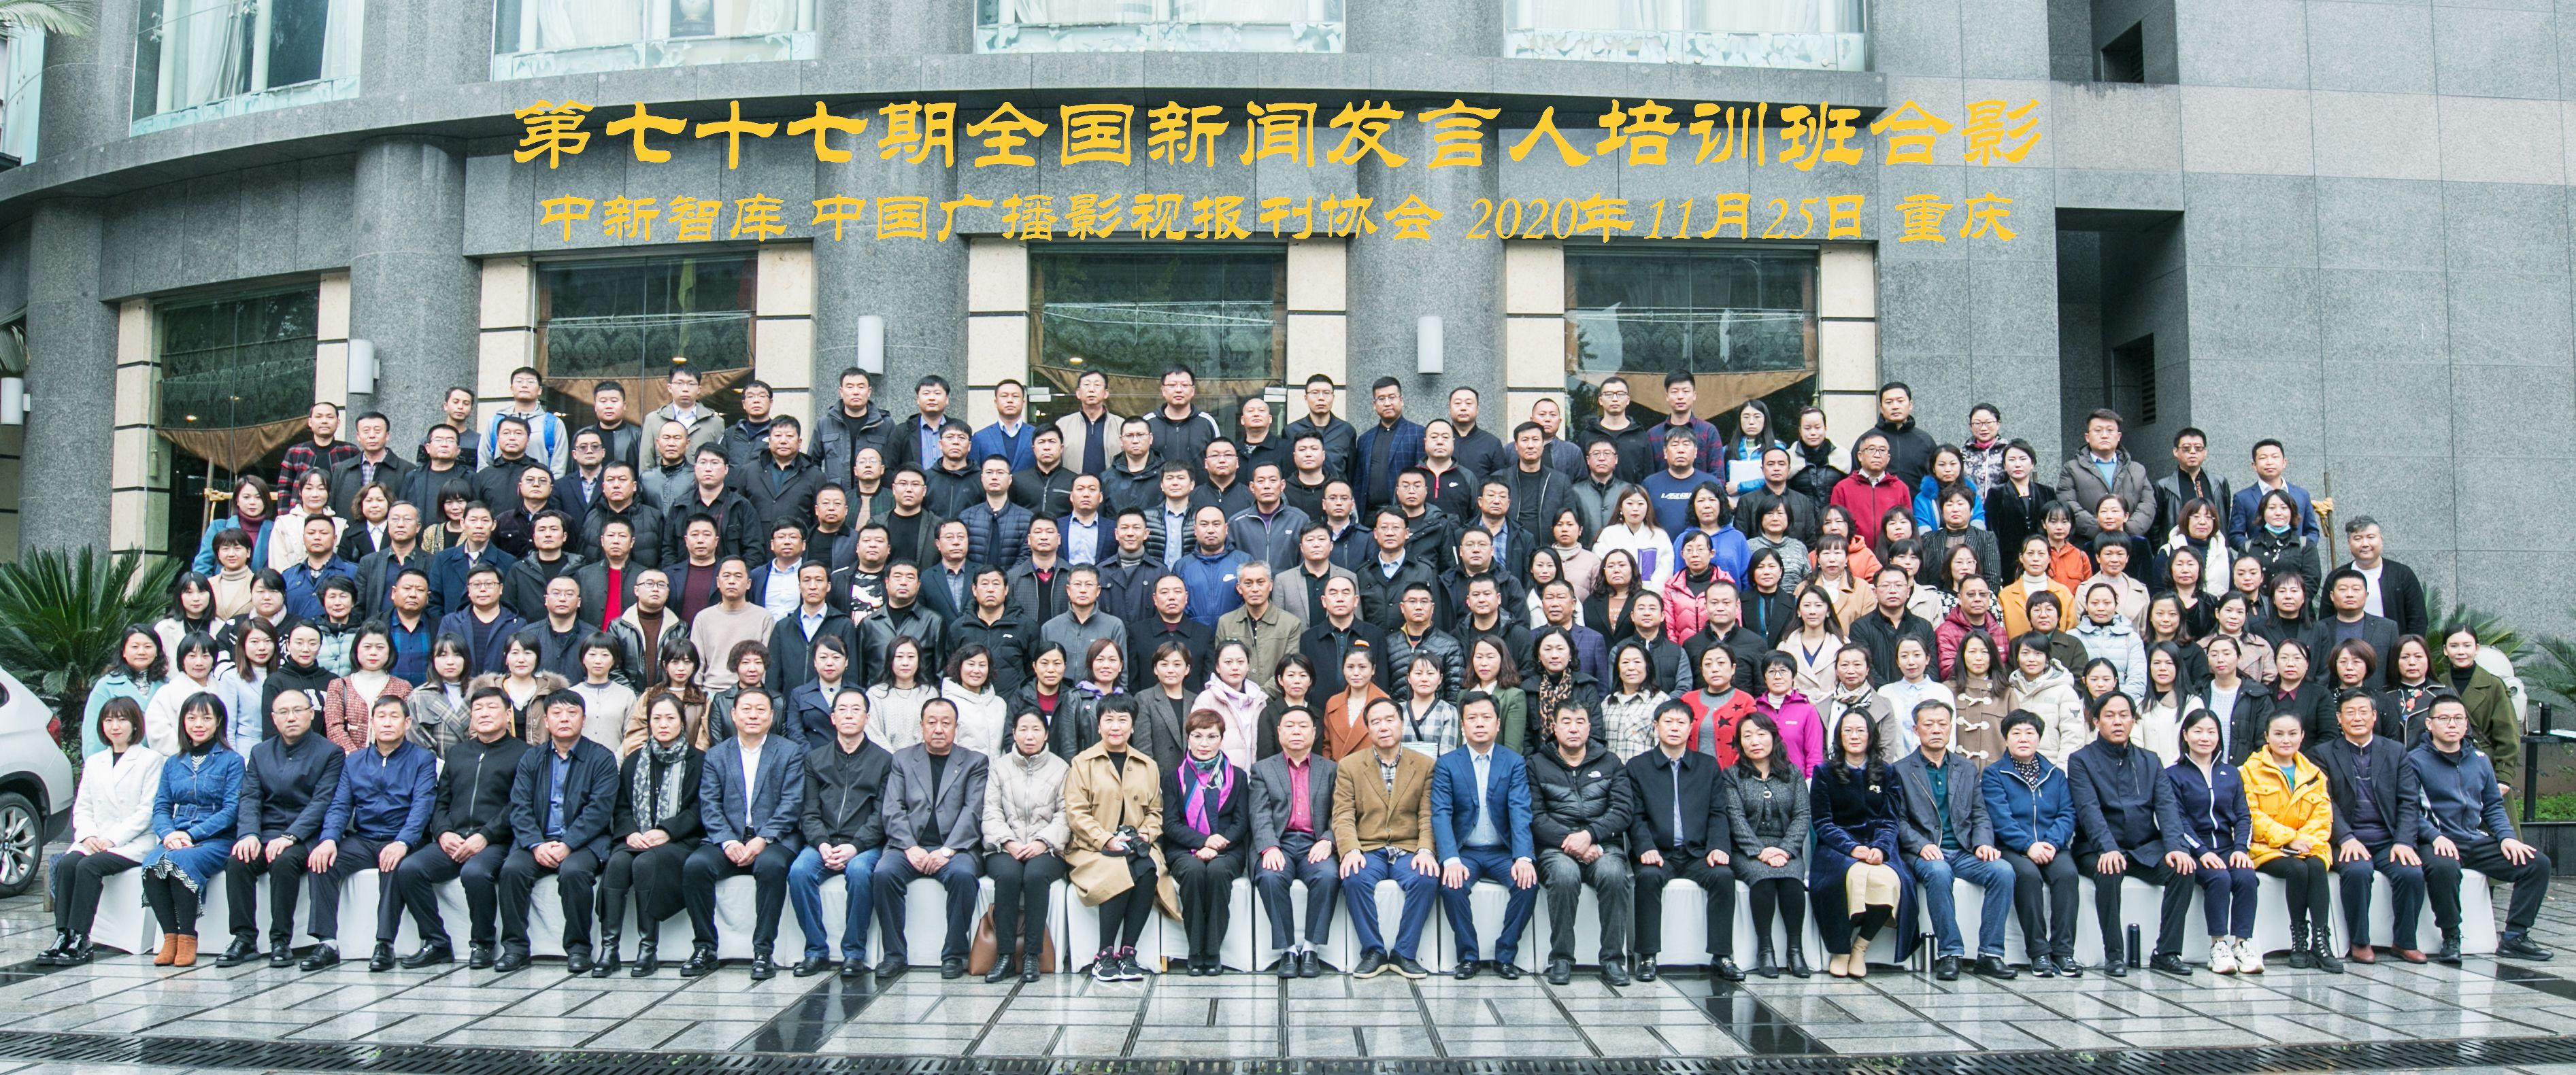 第77期全国新闻发言人培训班在重庆成功举办